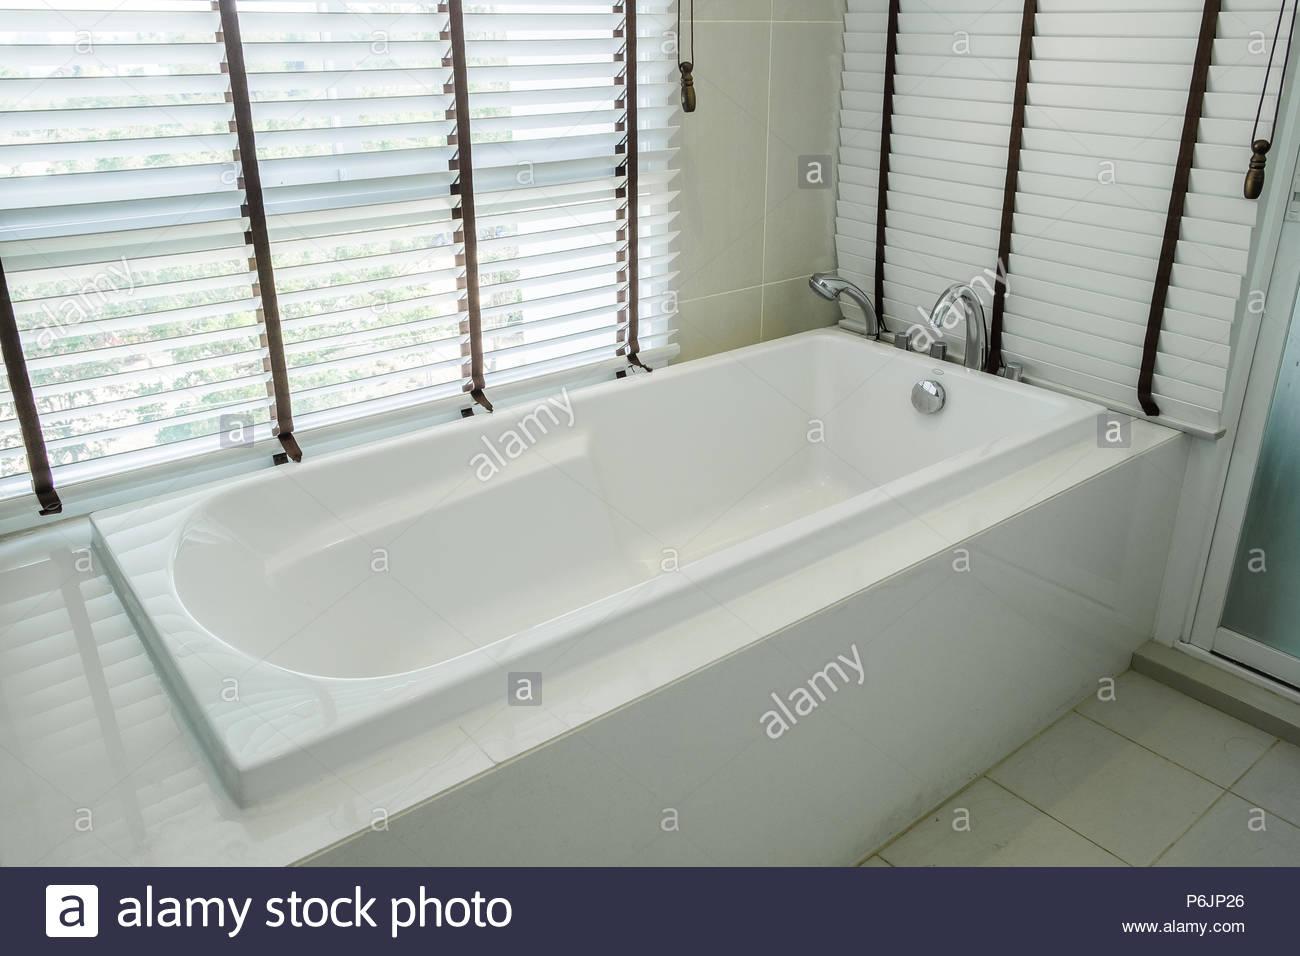 Vasca Da Bagno In Ceramica Bianca Di Lusso Interno Nella Stanza Da